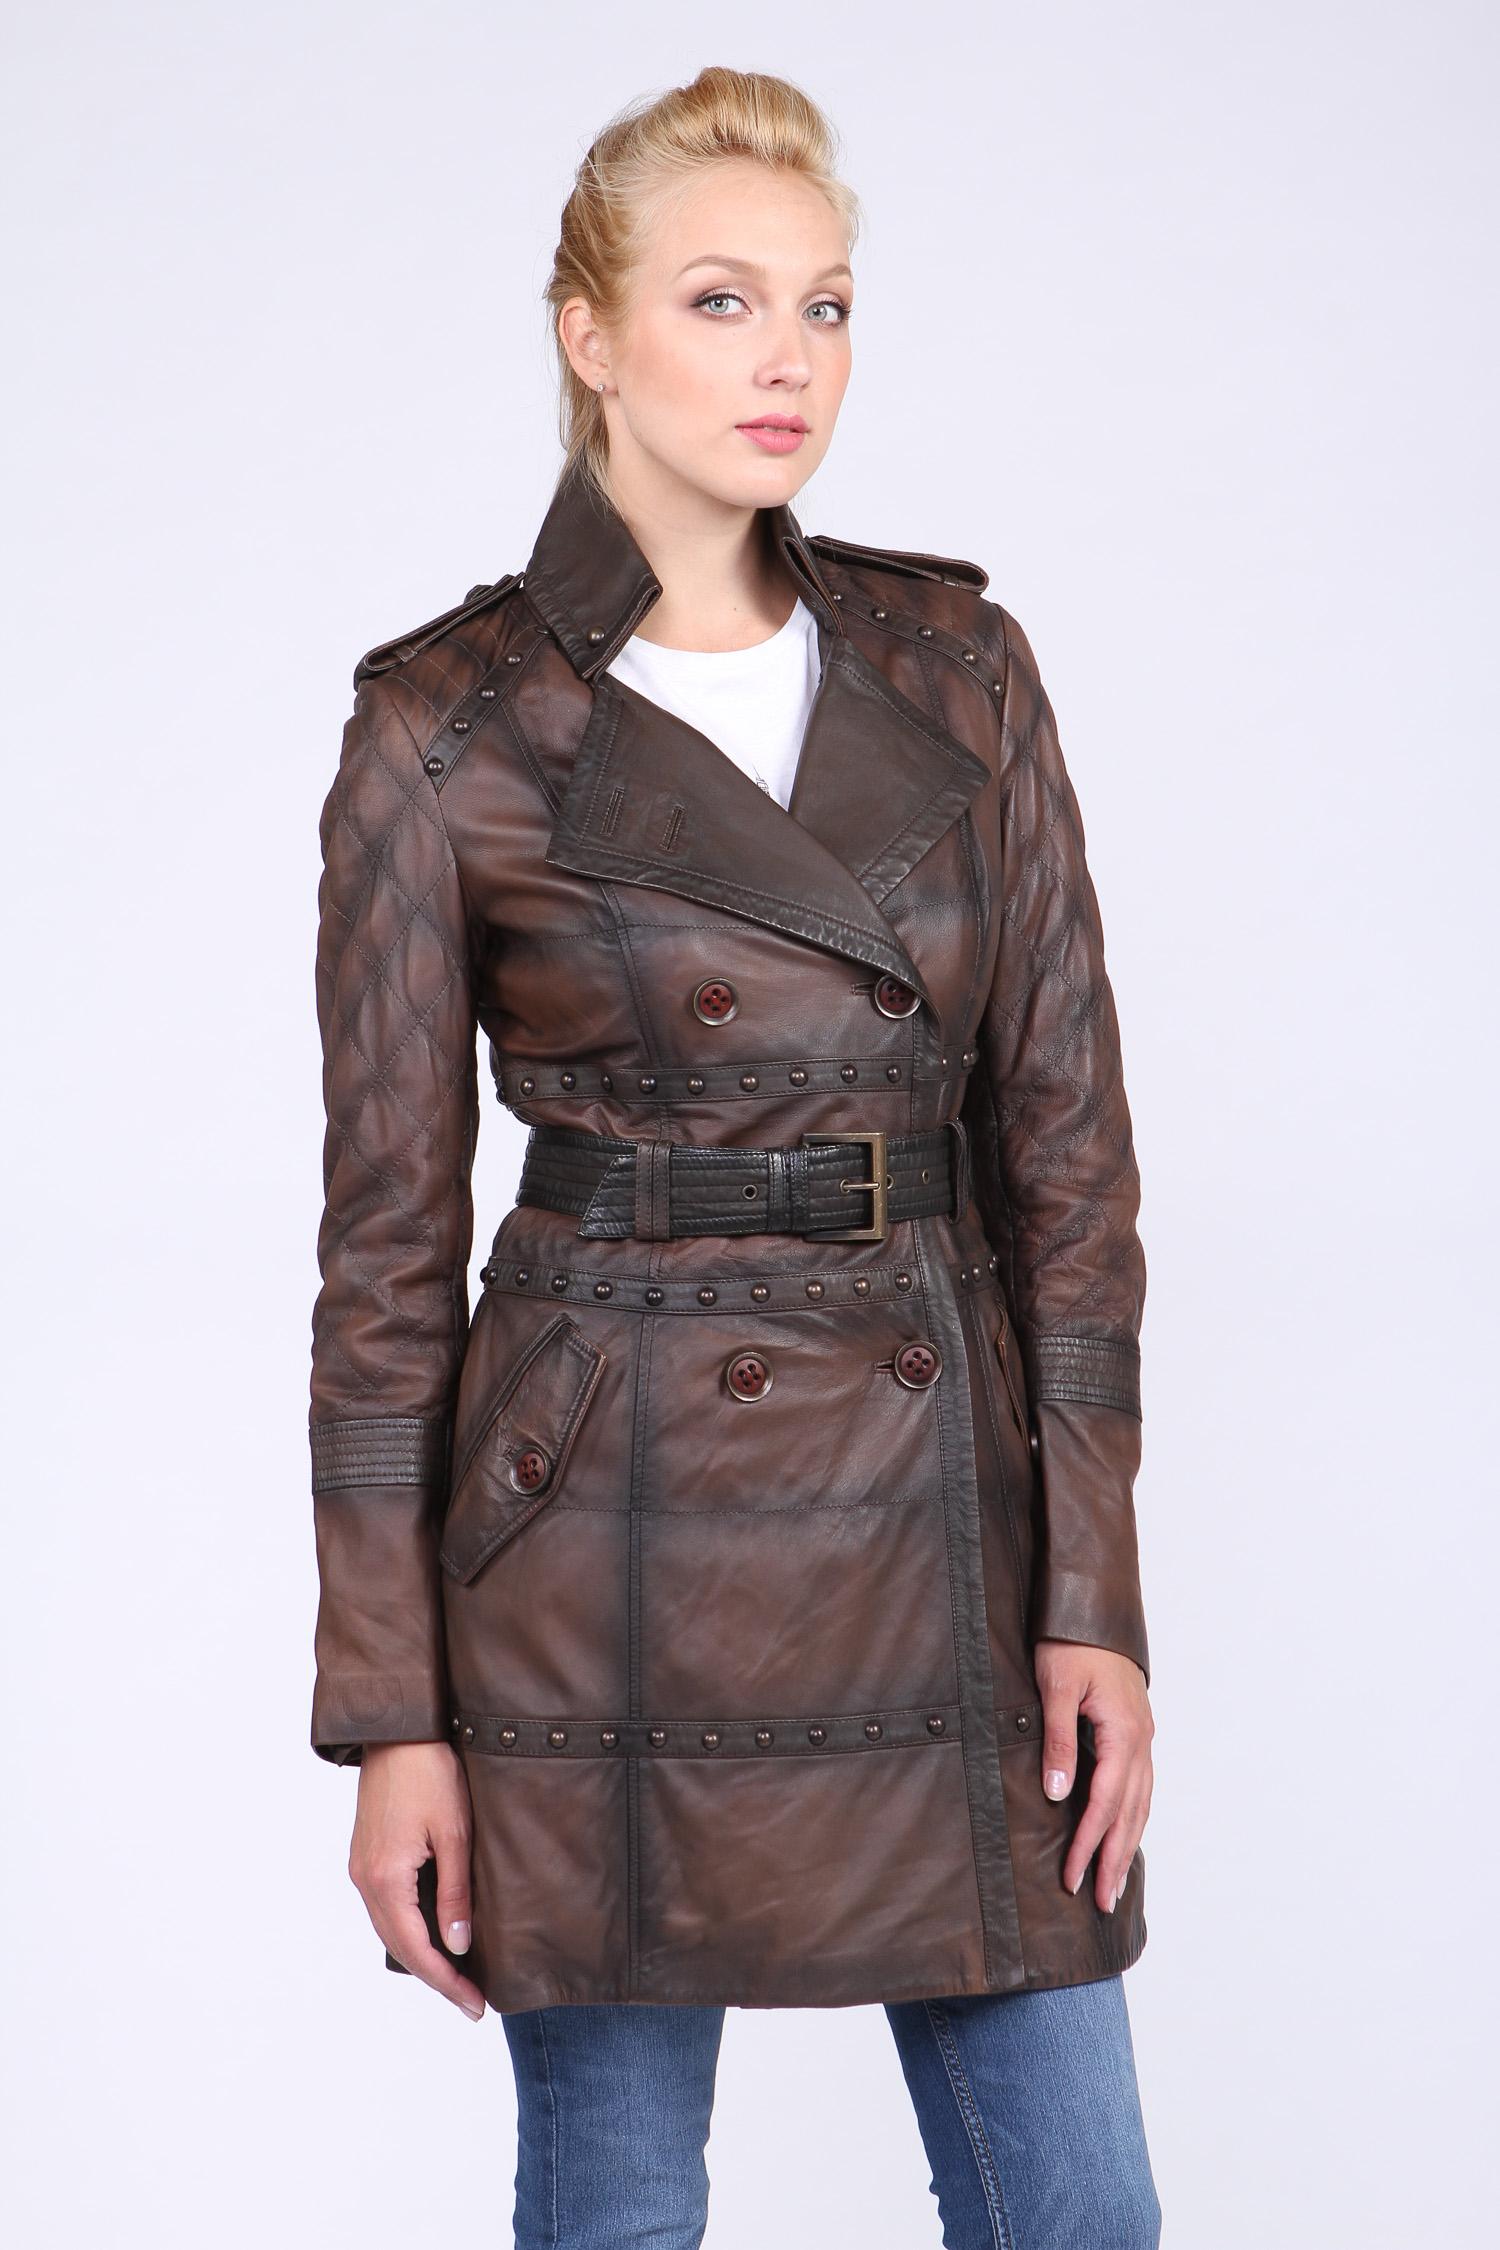 Купить Женская кожаная куртка из натуральной кожи с воротником, без отделки, МОСМЕХА, хаки, Кожа овчина, 0901579